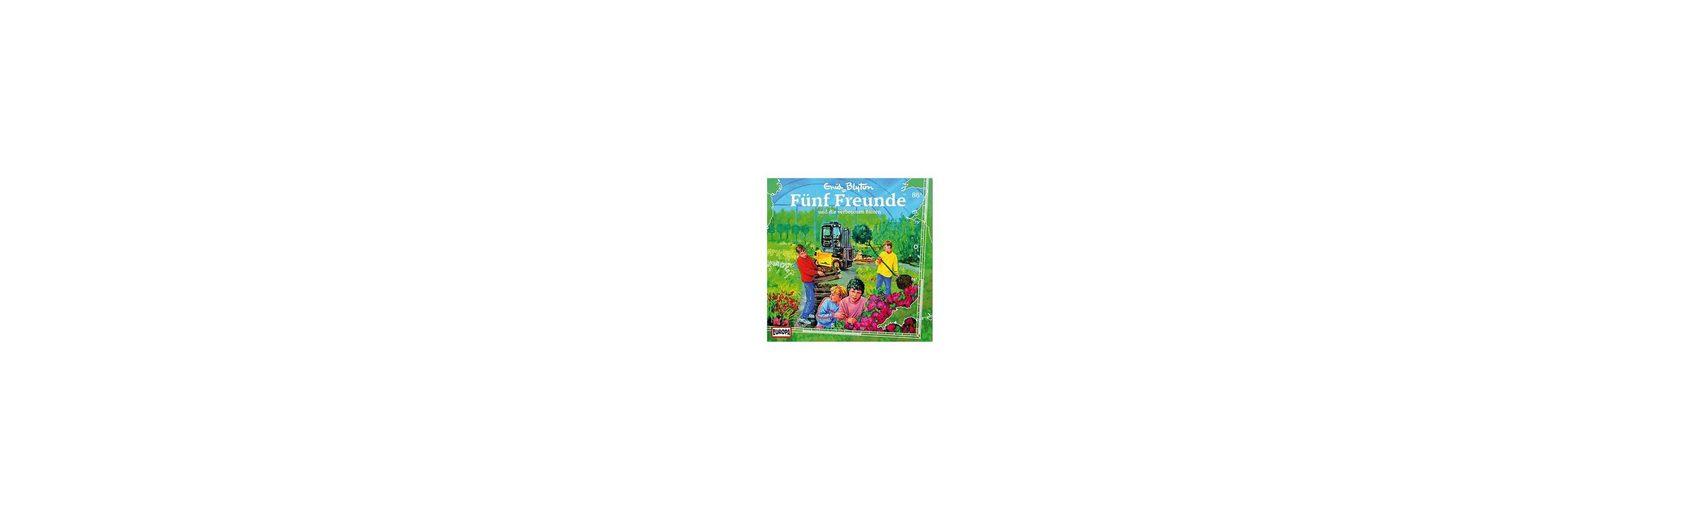 SONY BMG MUSIC CD Fünf Freunde 86- und die verbotenen Blüten